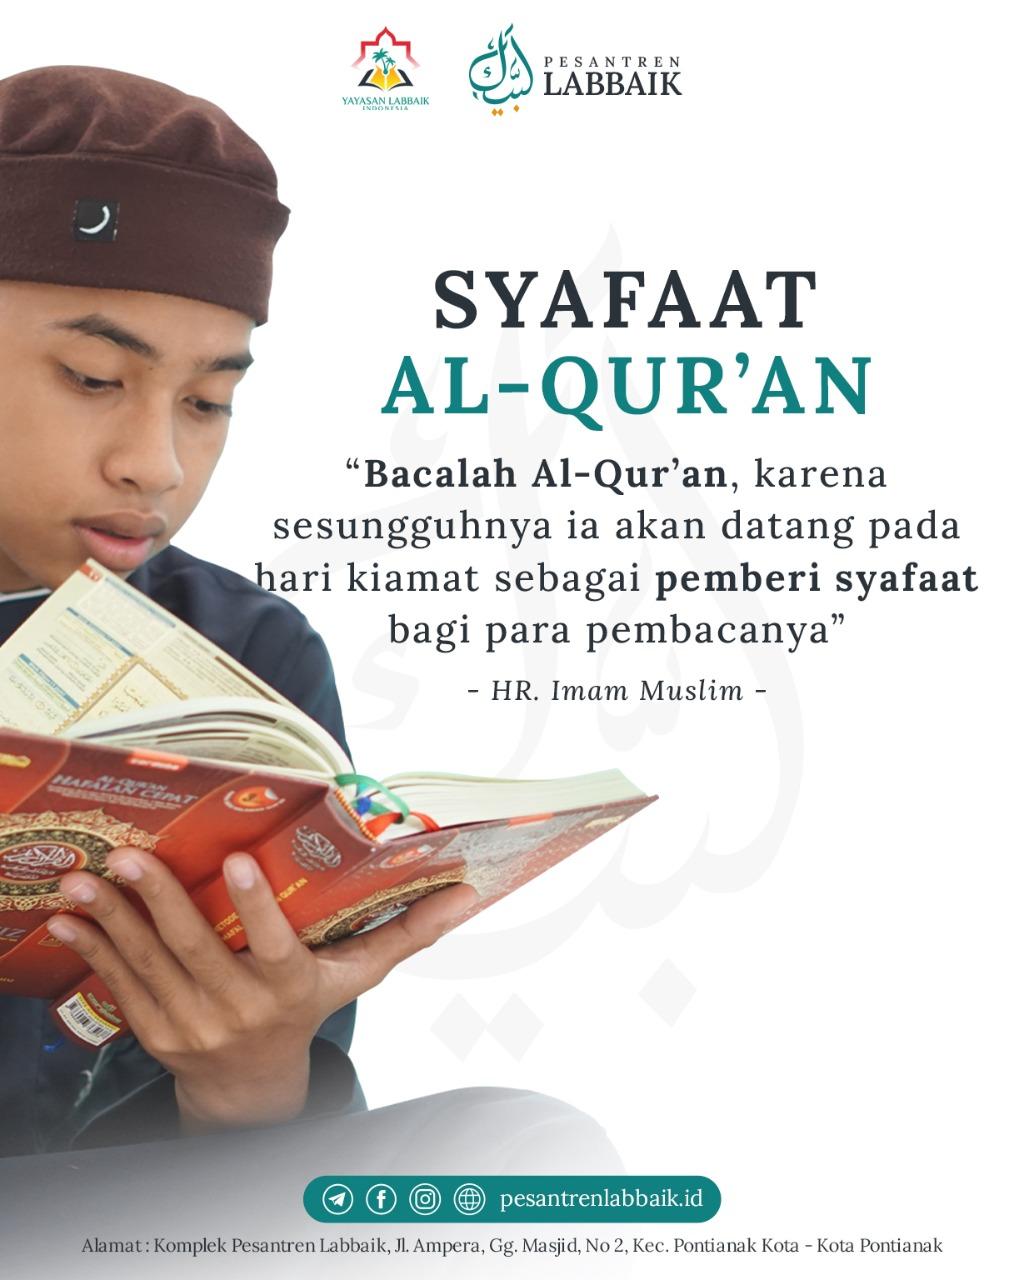 Syafaat Al-Qur'an